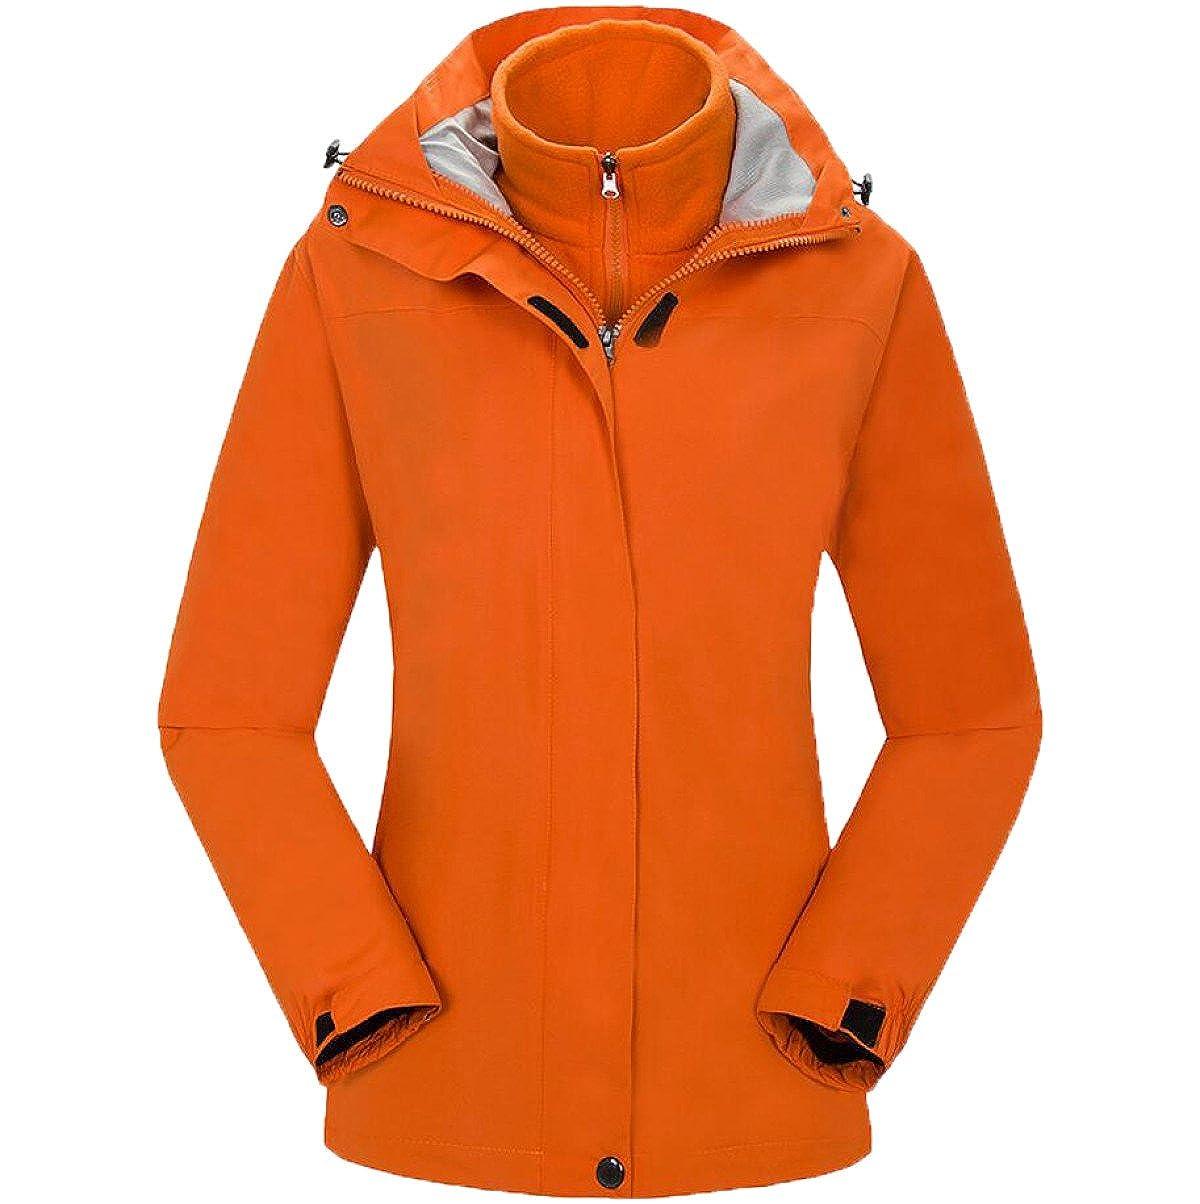 Orange XL Vestes Imperméable à l'hiver Imperméable à l'eau Veste Imperméable à l'eau Doudoune Mousse Et Séchage Rapide